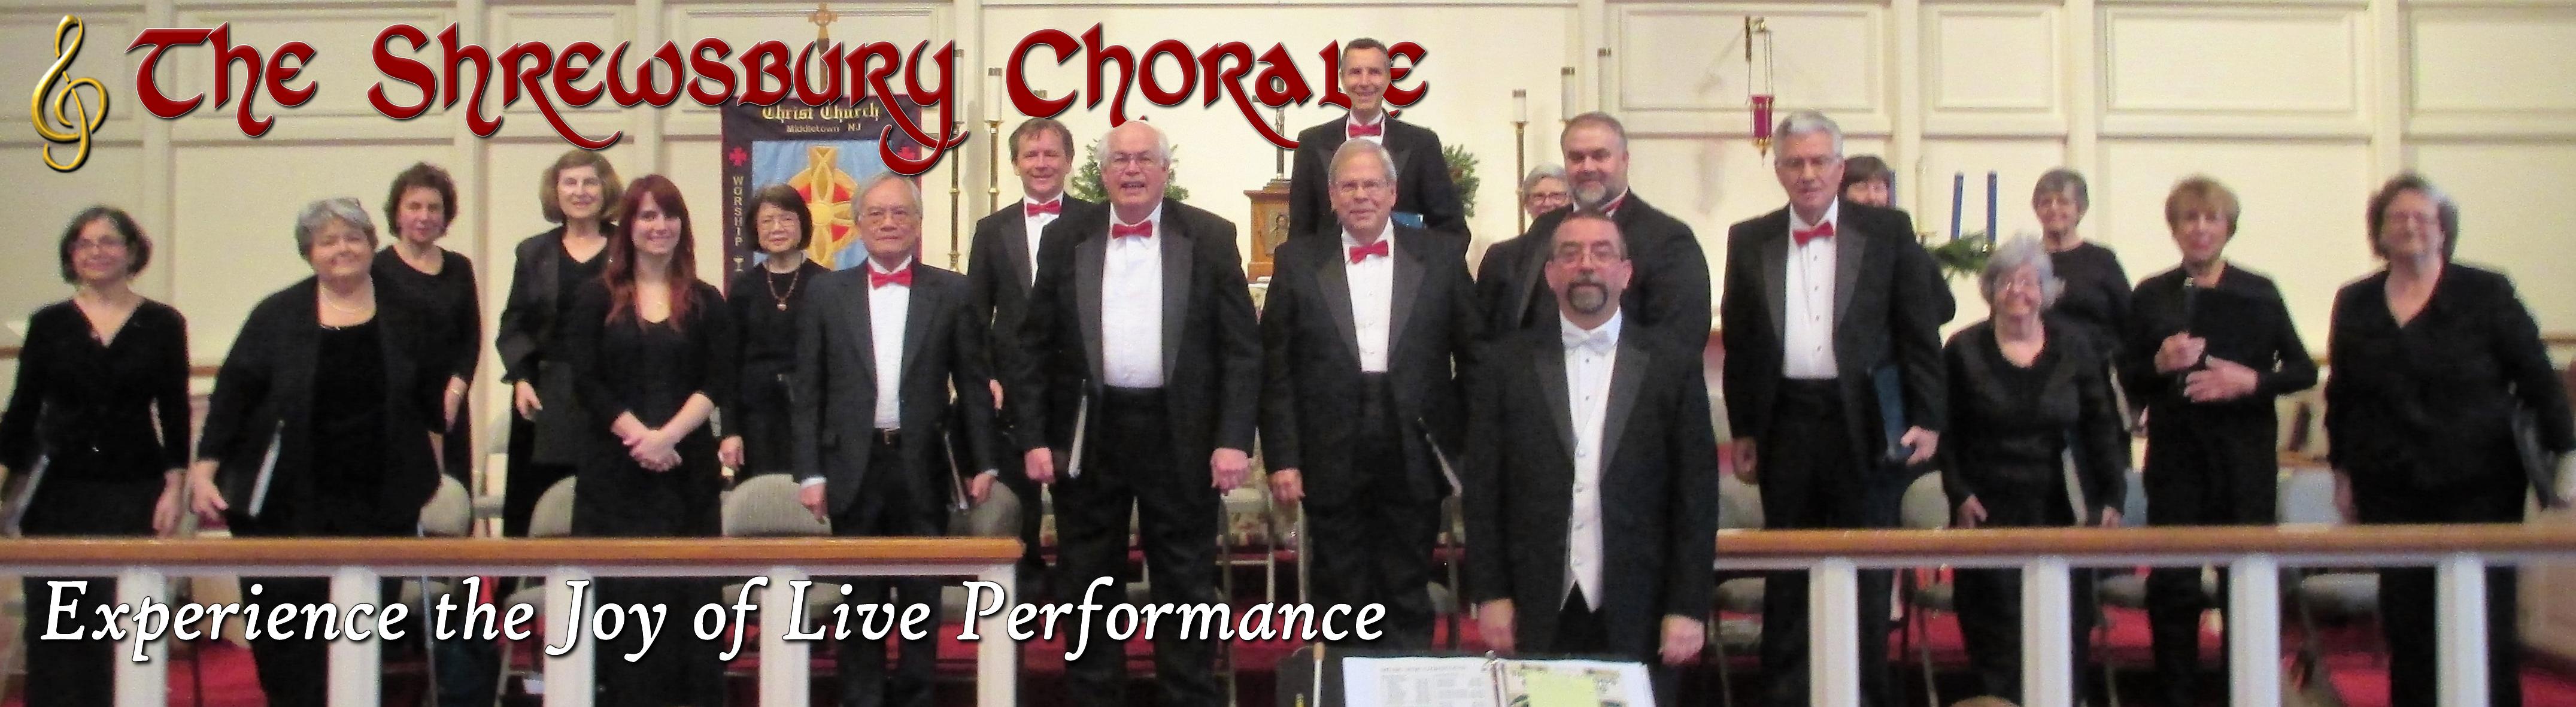 Shrewsbury Chorale